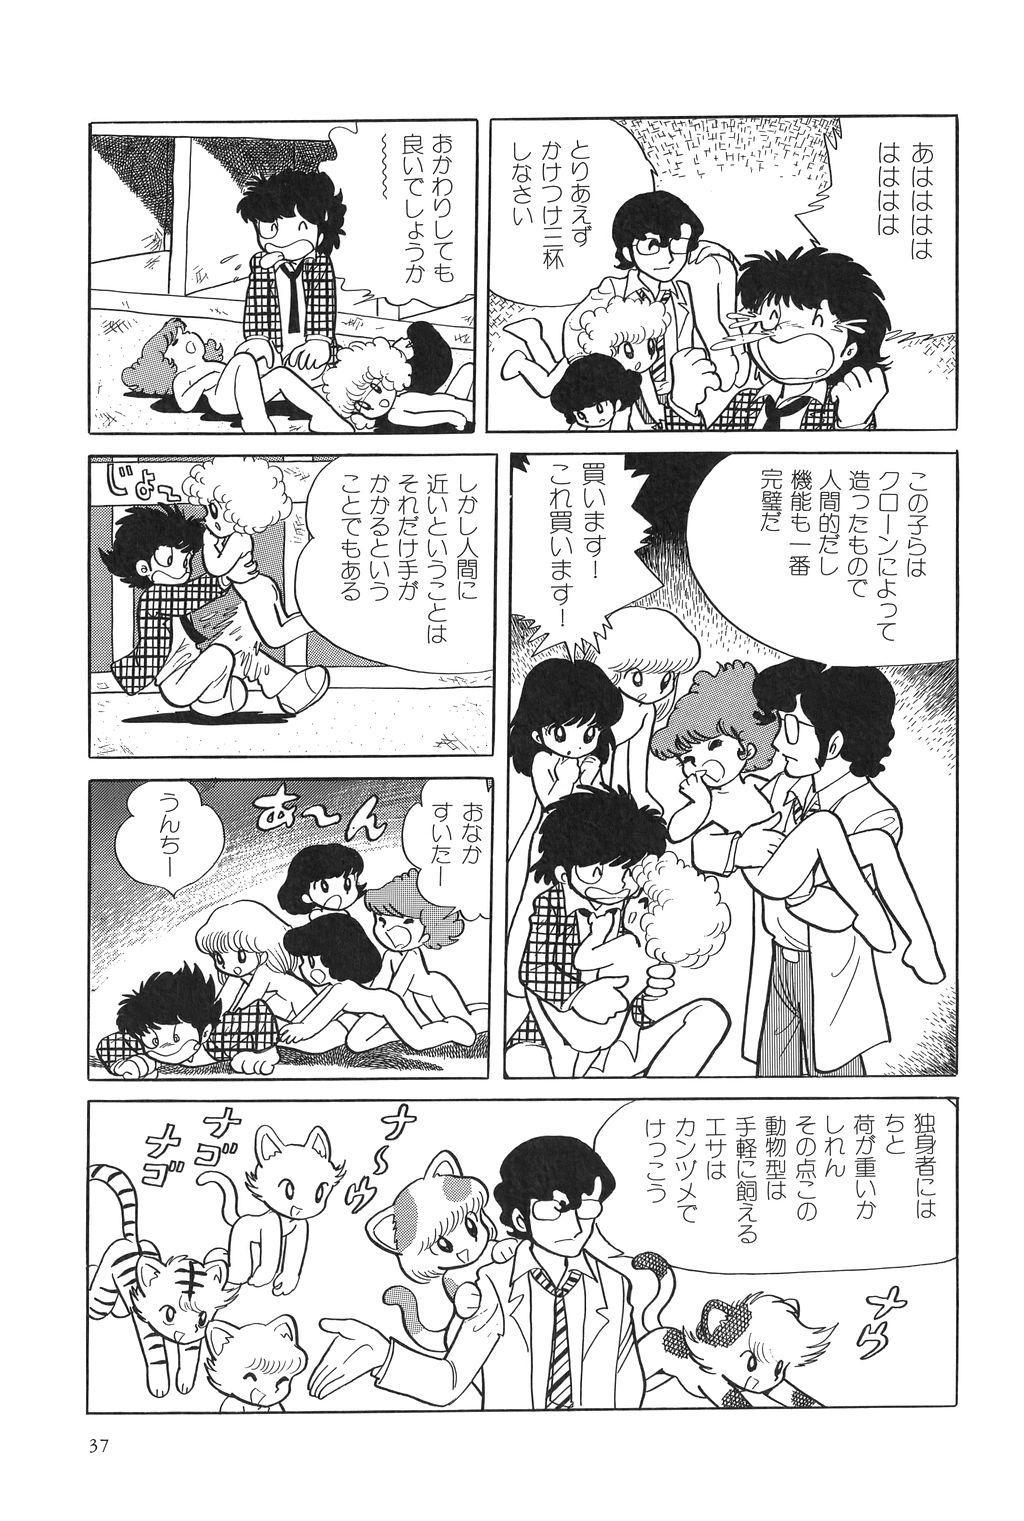 Azuma Hideo Sakuhin Shuusei - Yoru no Tobari no Naka de 41